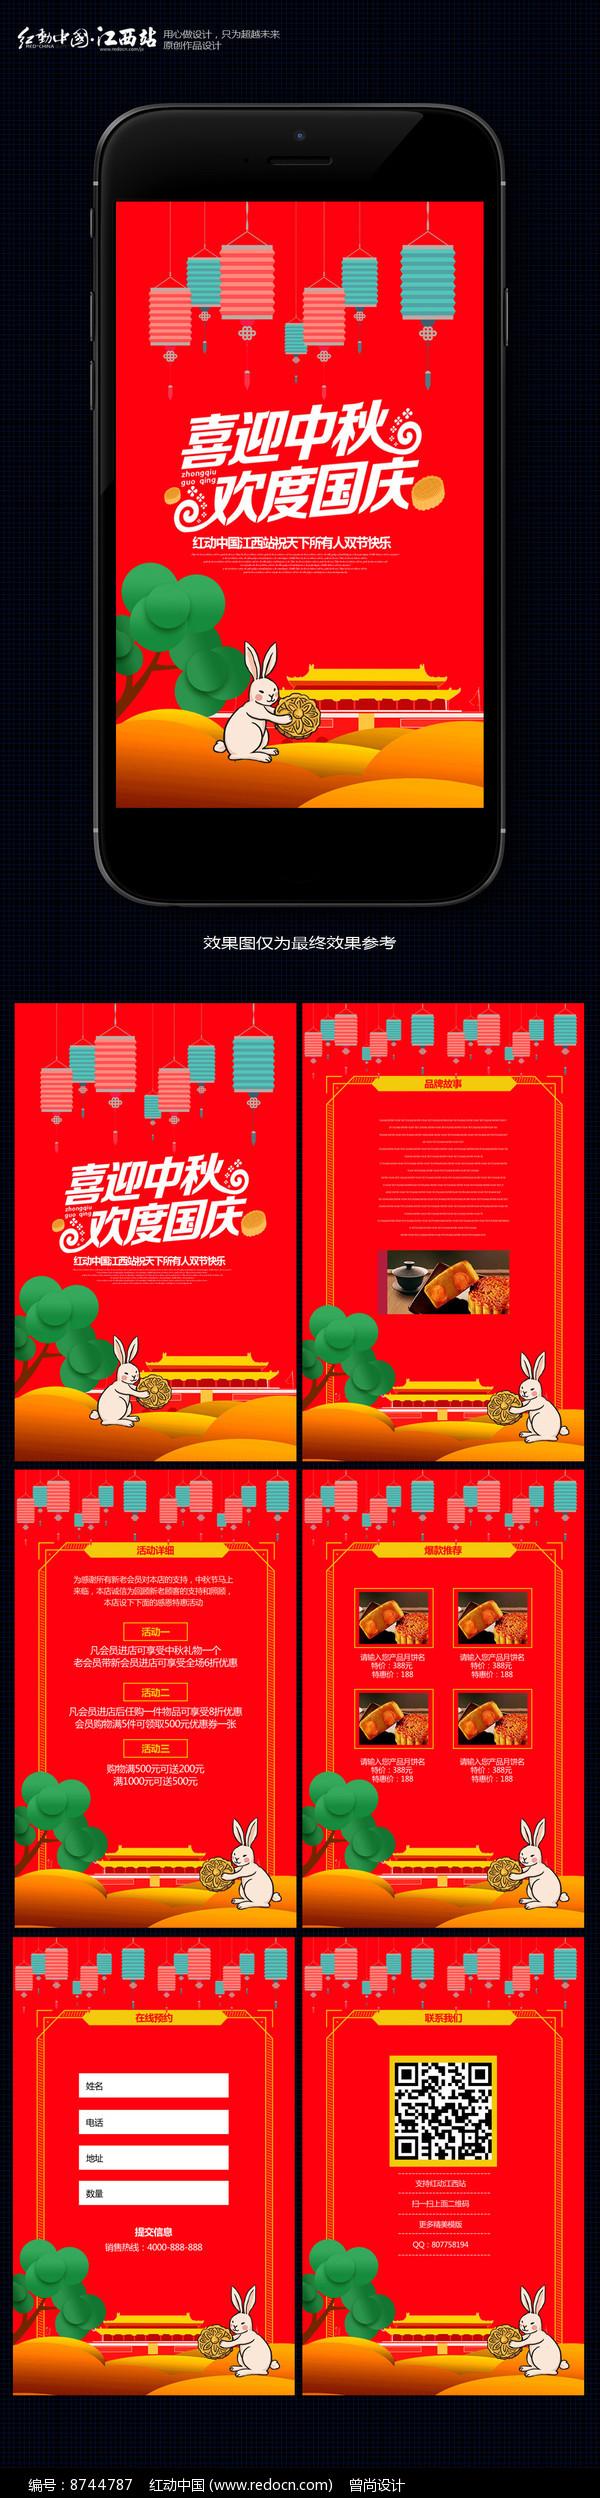 中秋节月饼促销H5广告模版图片